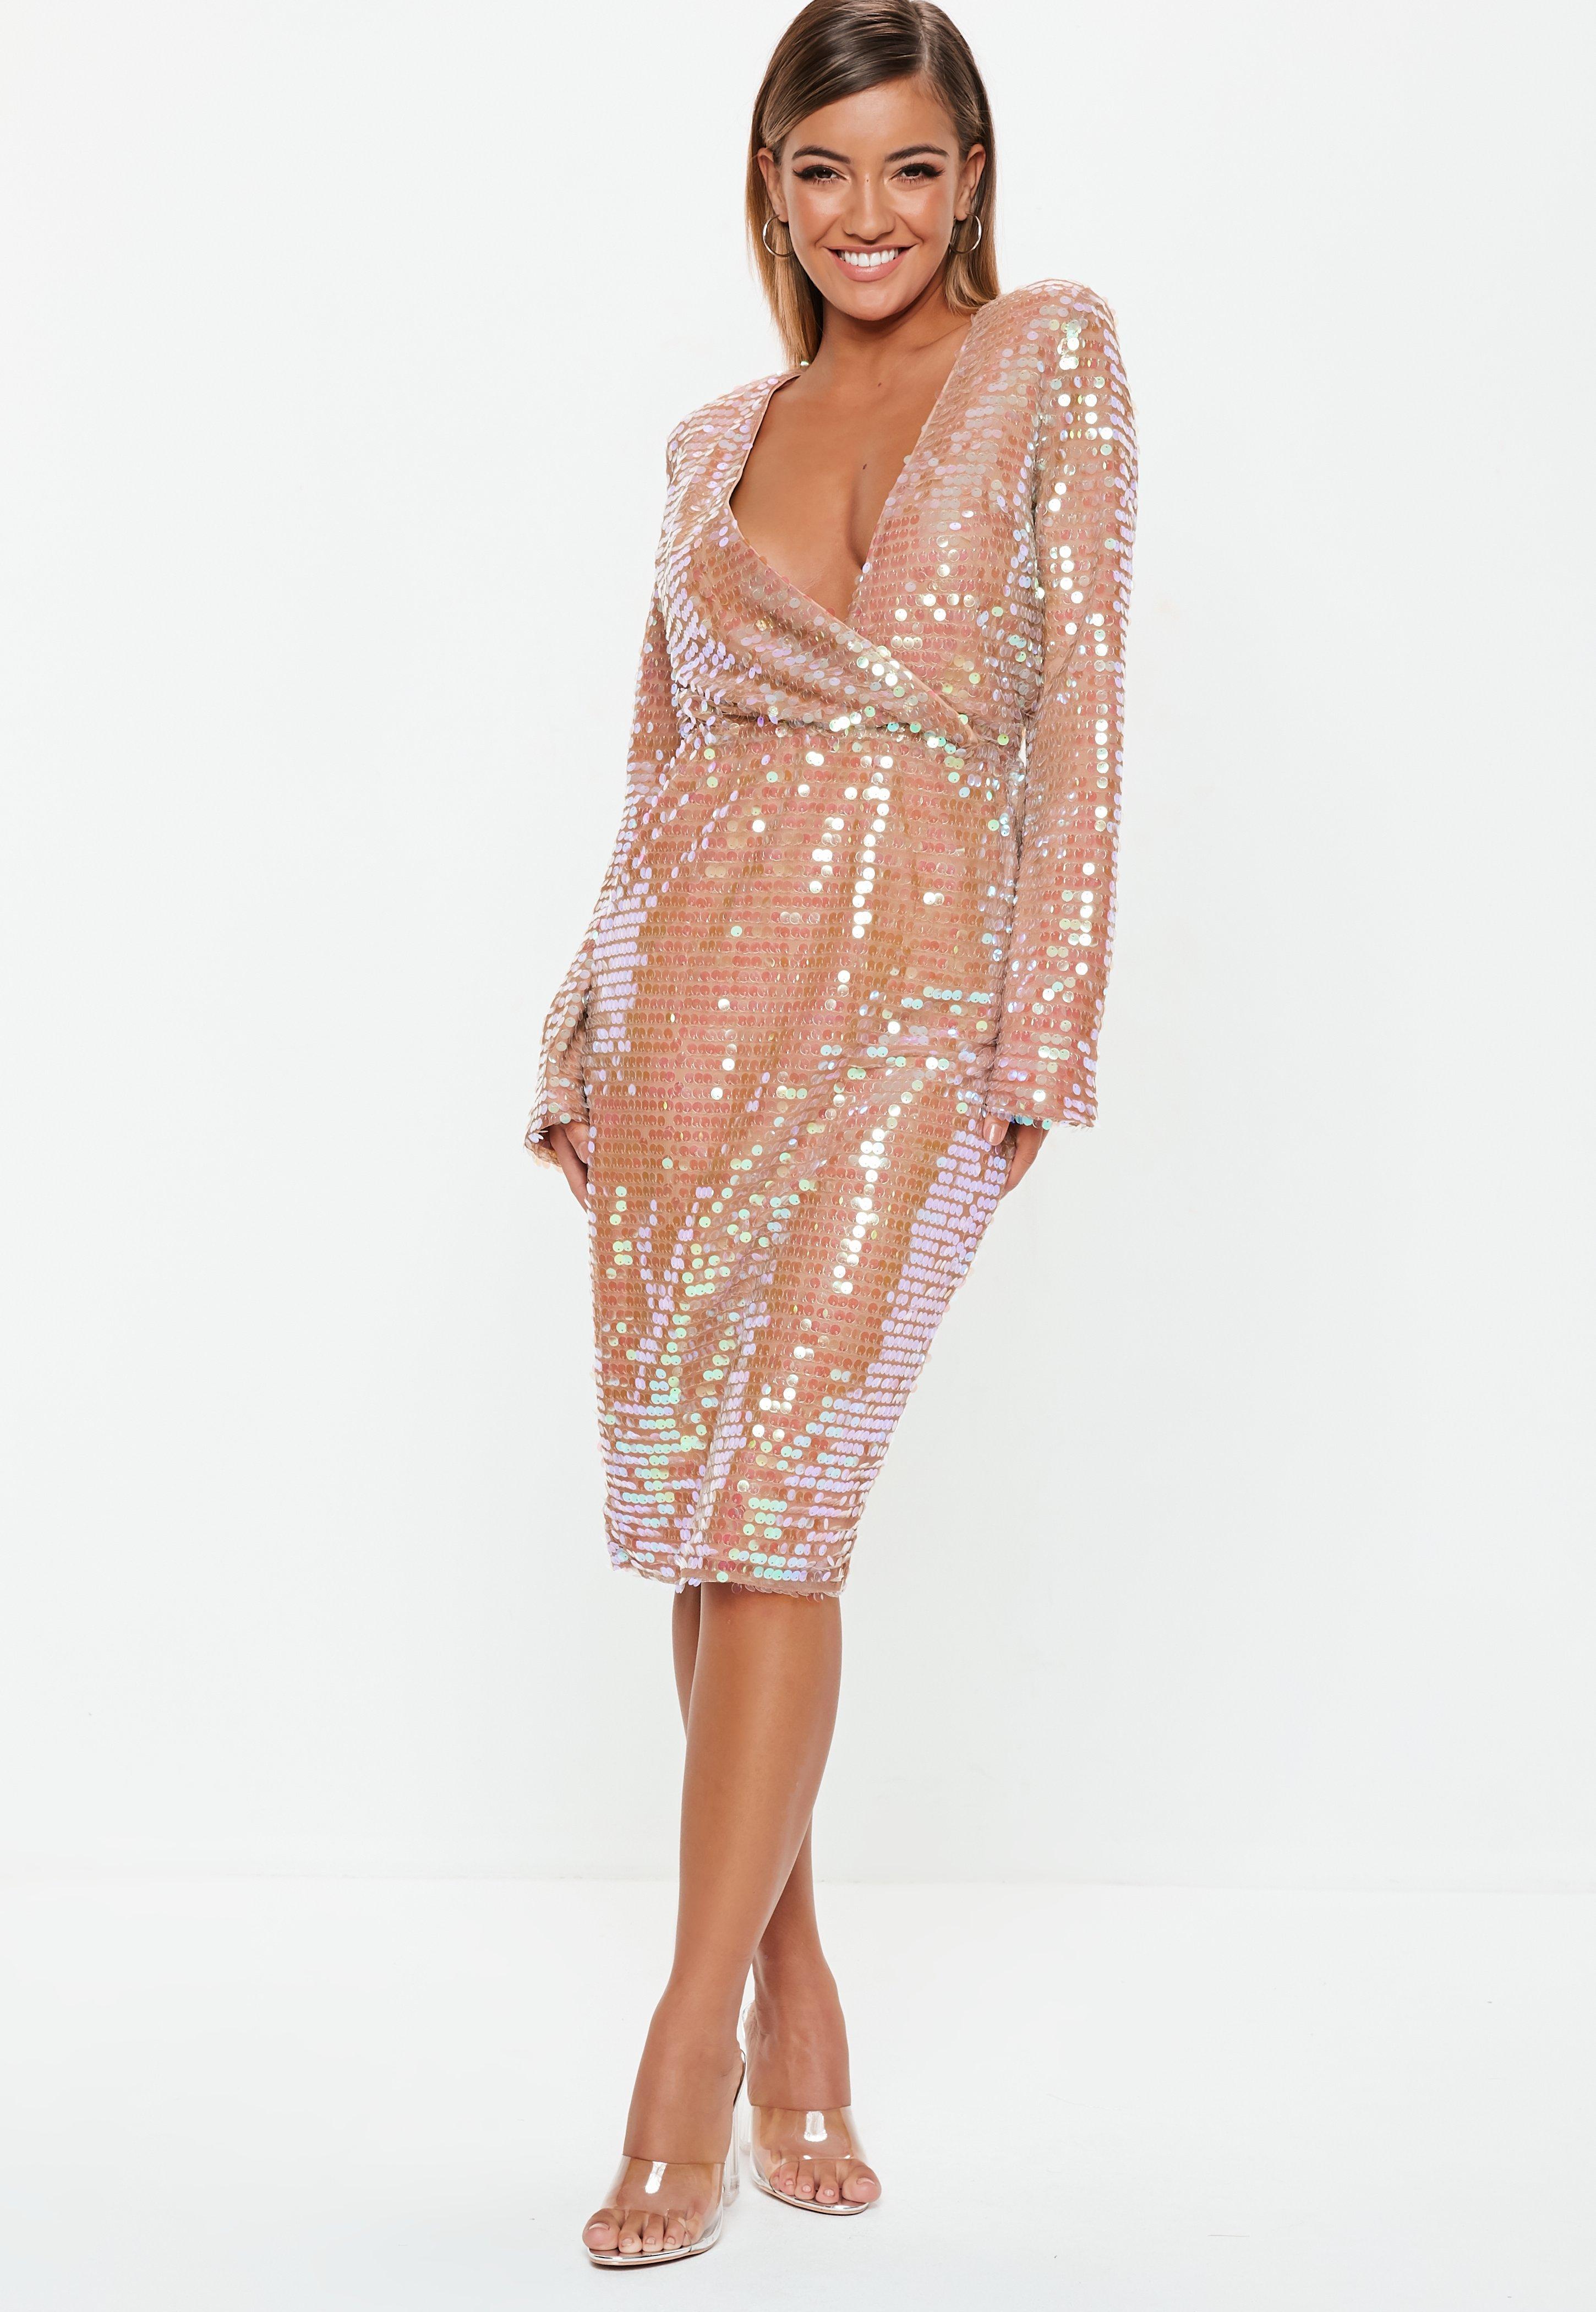 e8b25ef894ab2 Soldes   Vêtement   mode femme pas cher - Missguided